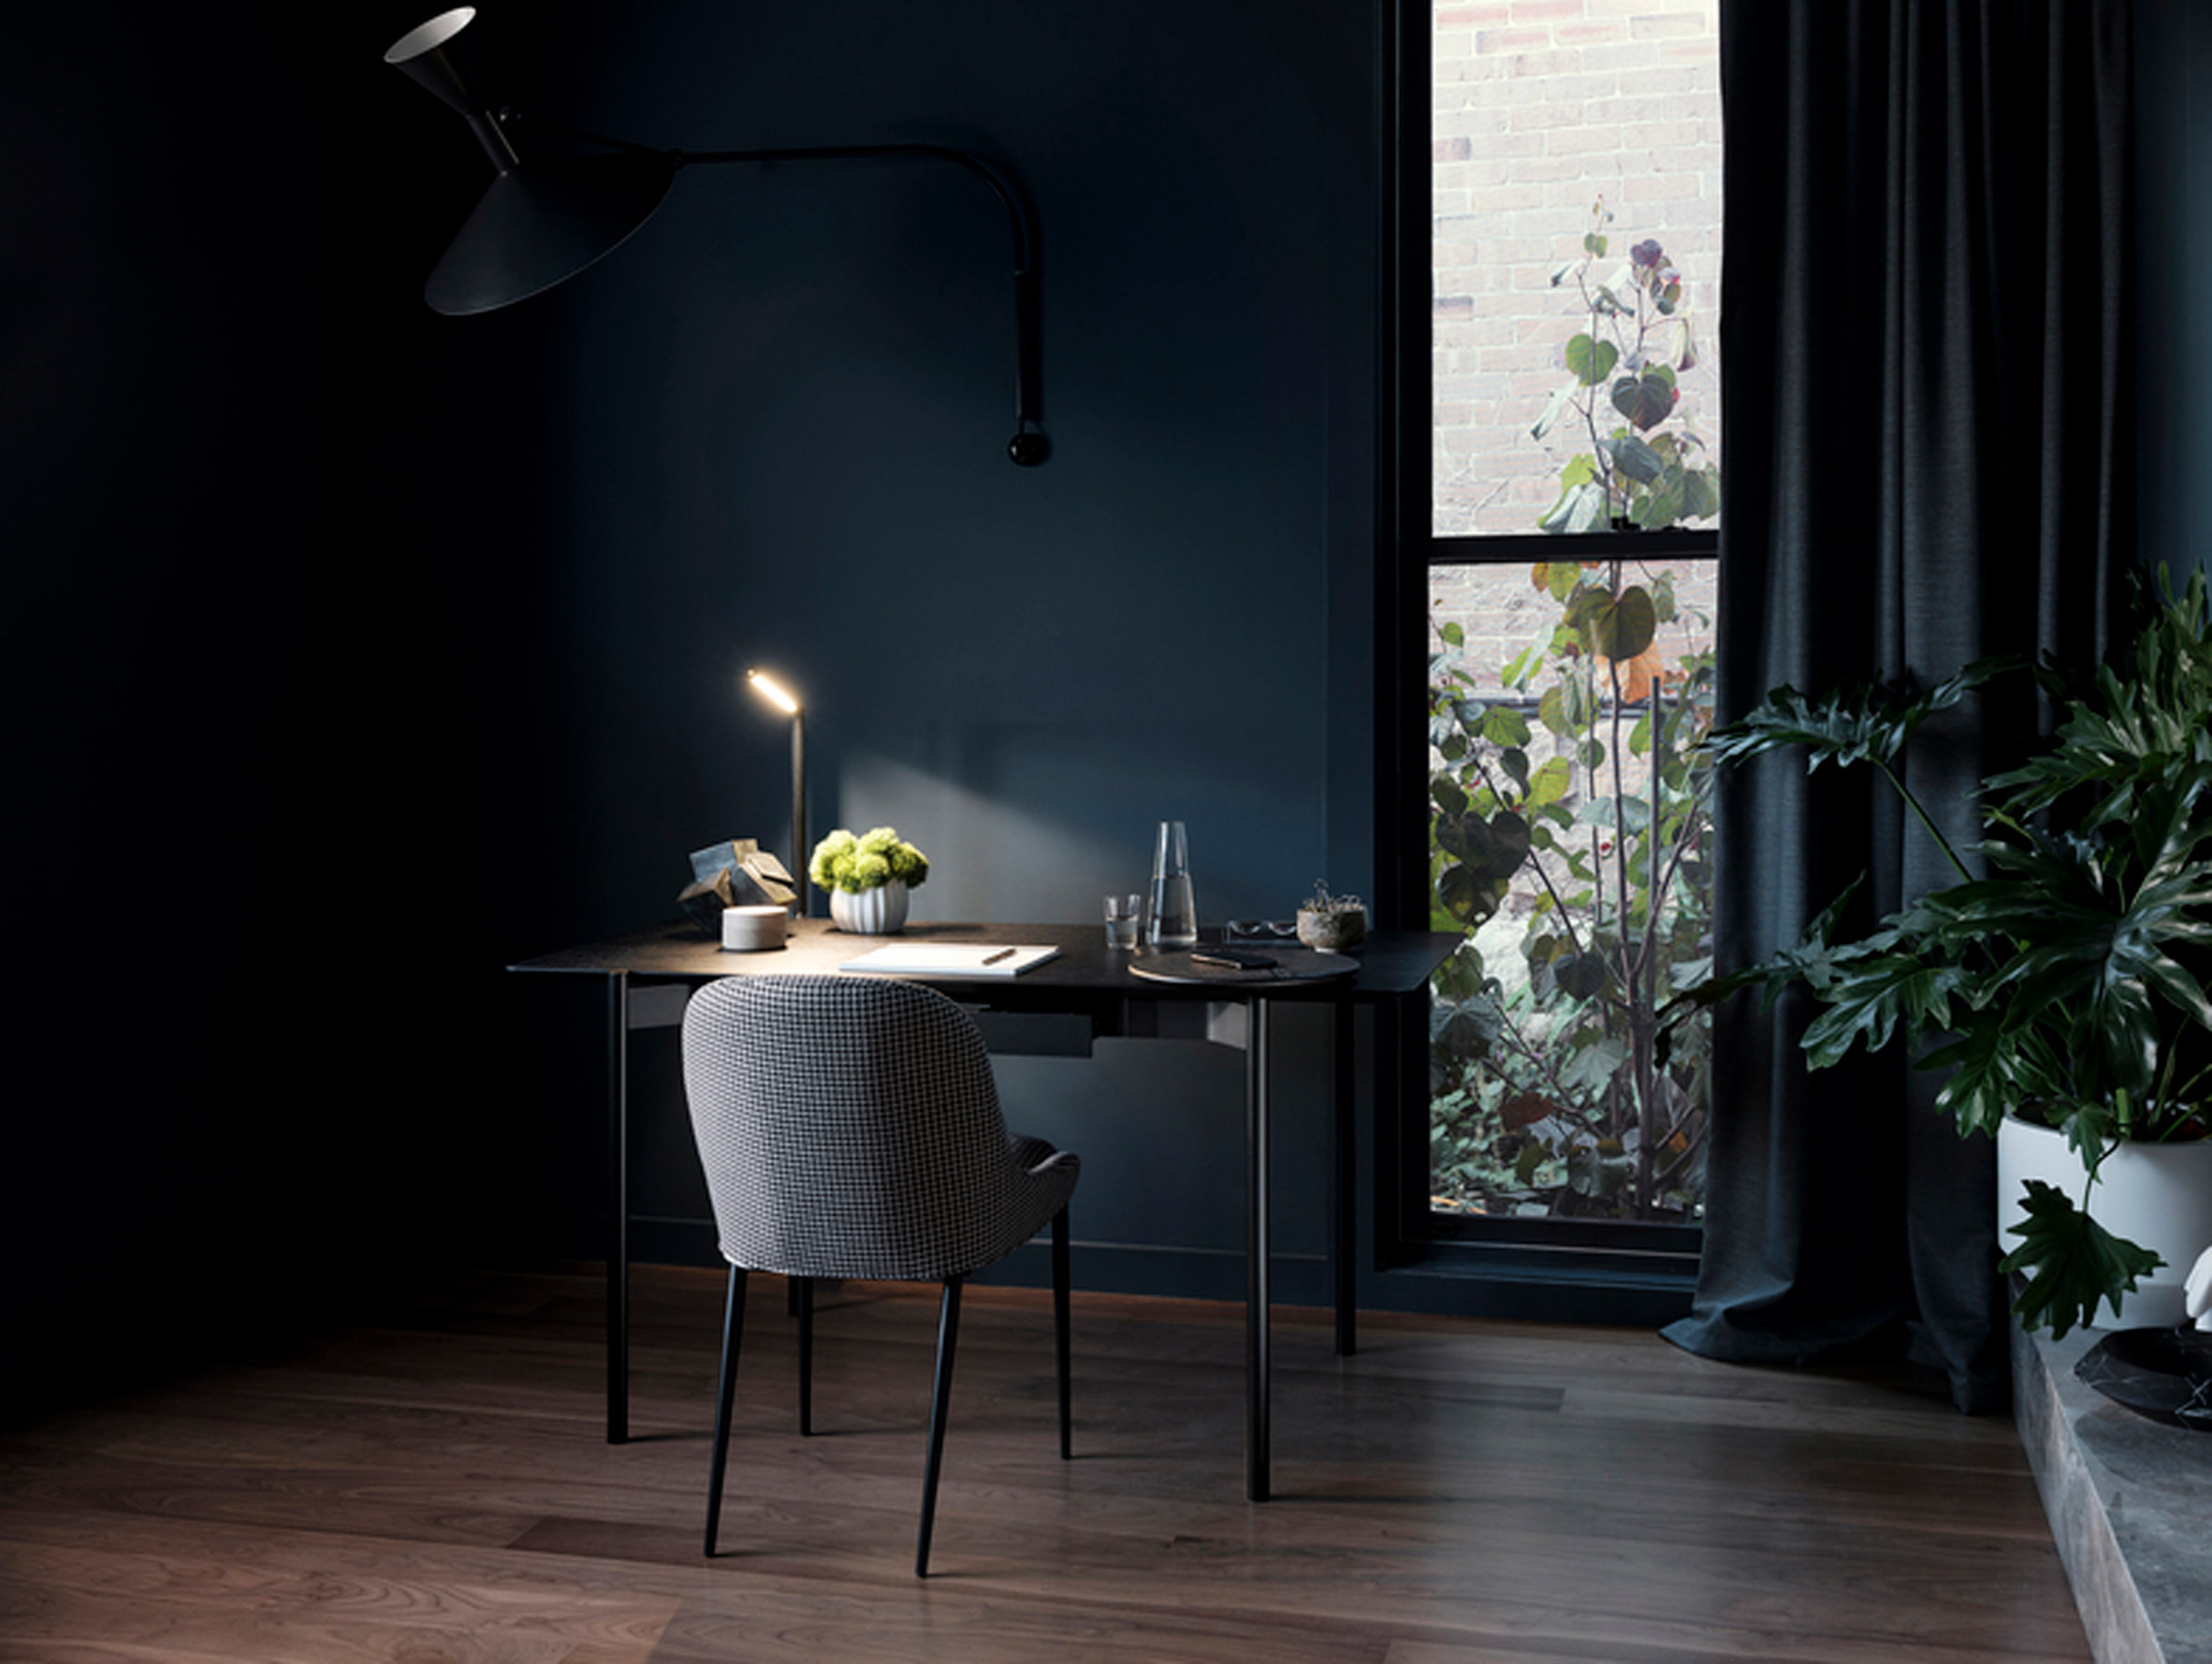 Eto desk by Tom Fereday for King Living